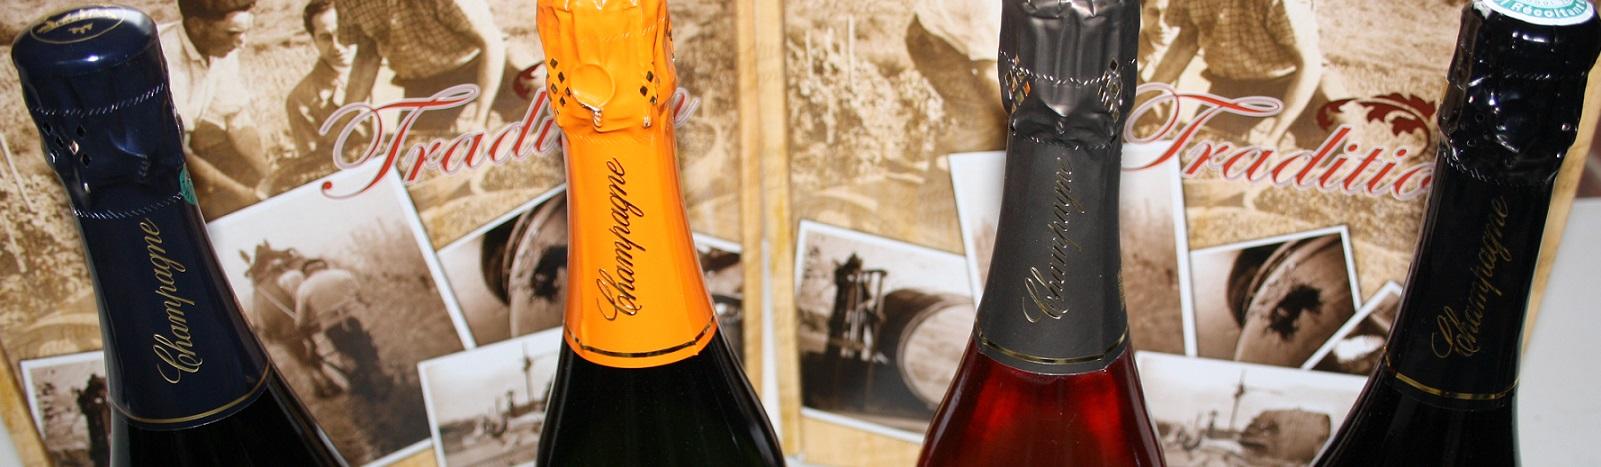 Champagne François Bouvy et fils